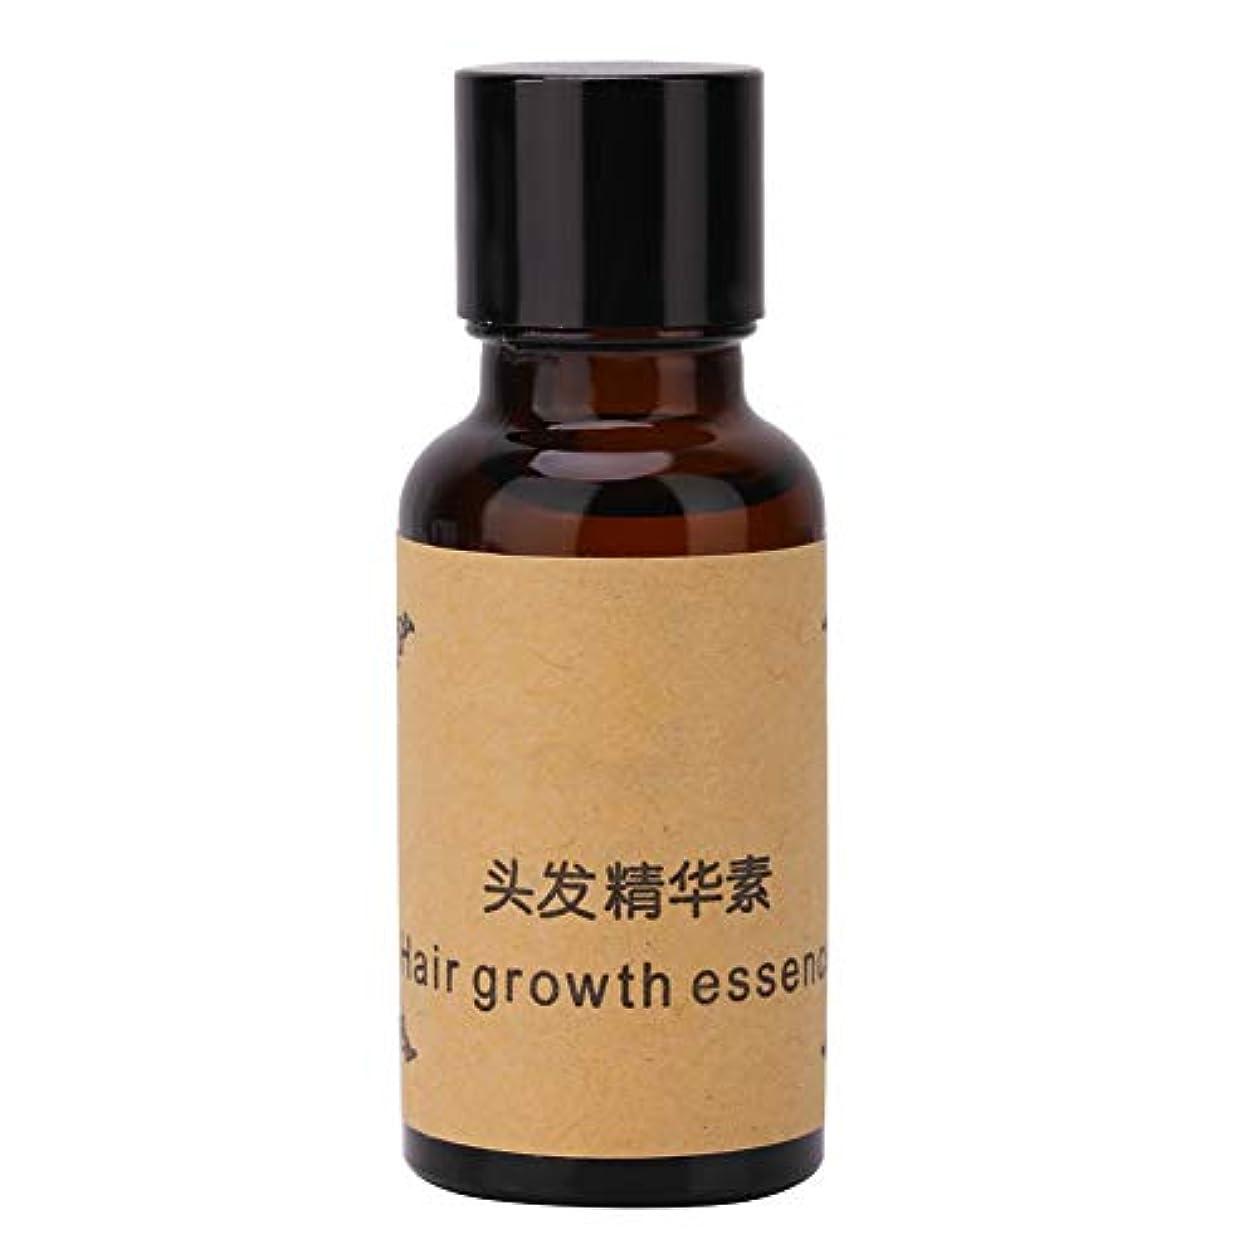 適応的持続的除外するヘアケアエッセンシャルオイル、栄養補給ヘアケアエッセンシャルオイル保湿エッセンスアンチ抜け毛防止リキッド20ml